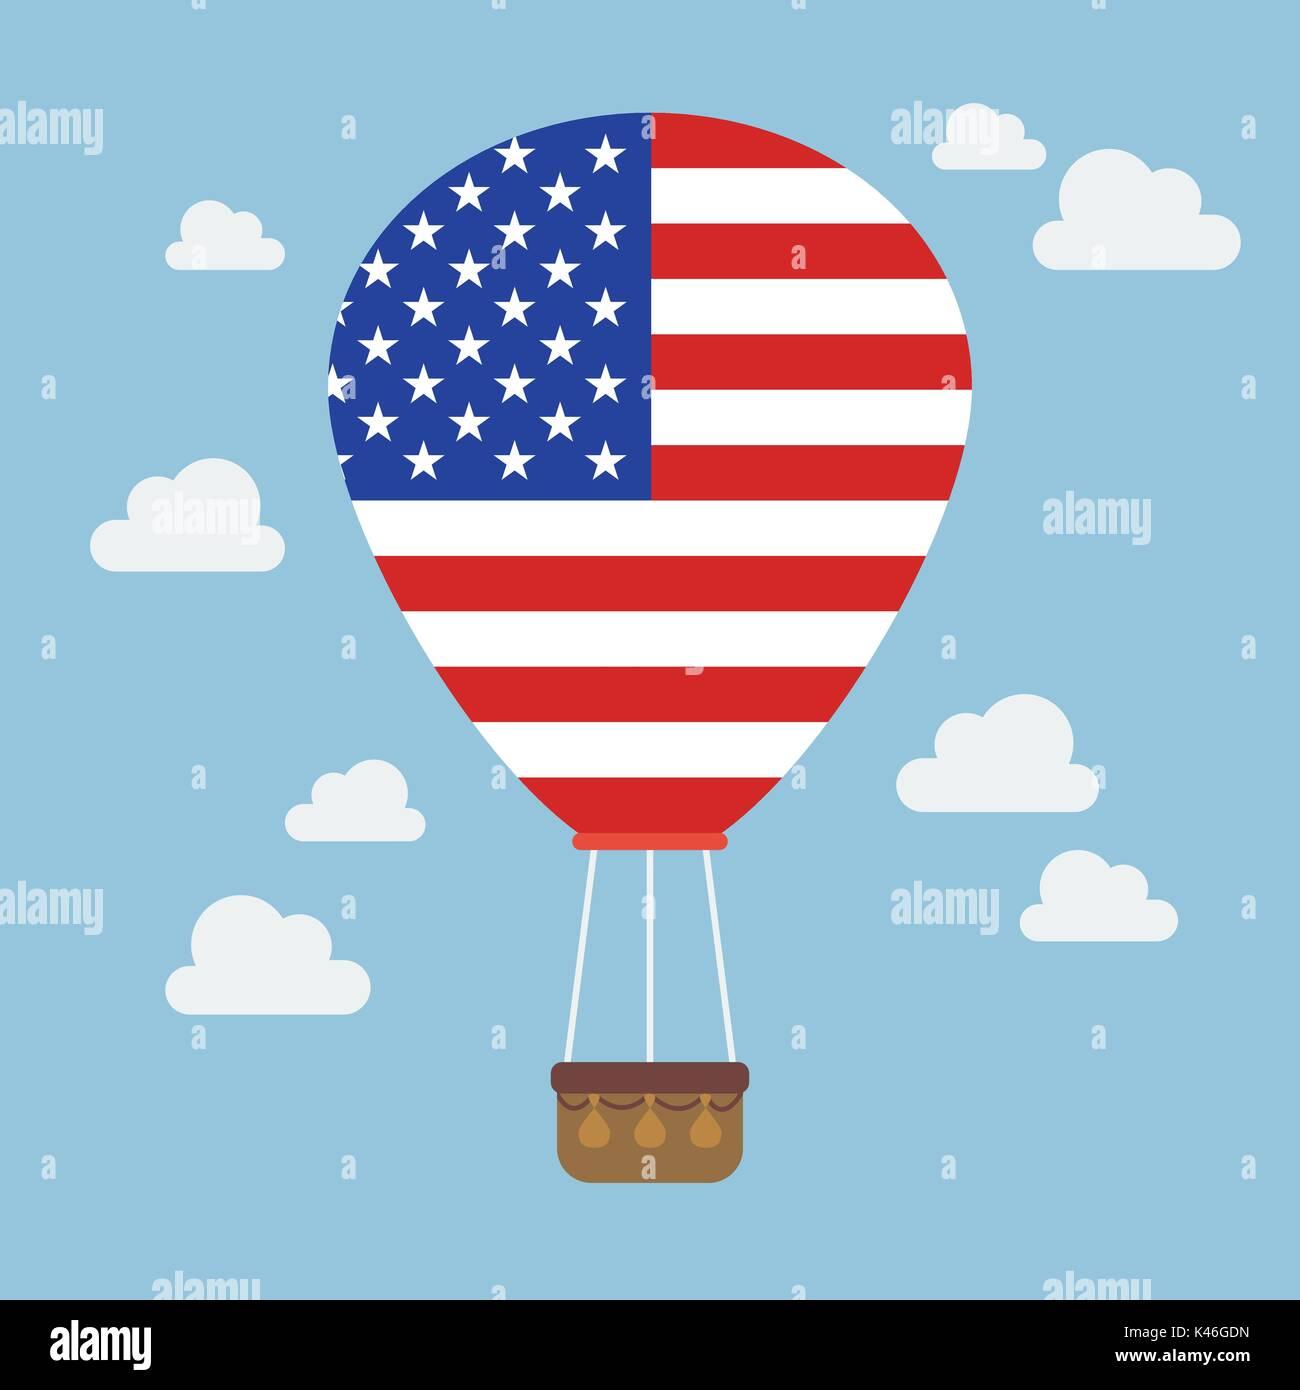 Hot Air Balloon Vector Vectors Stockfotos & Hot Air Balloon Vector ...